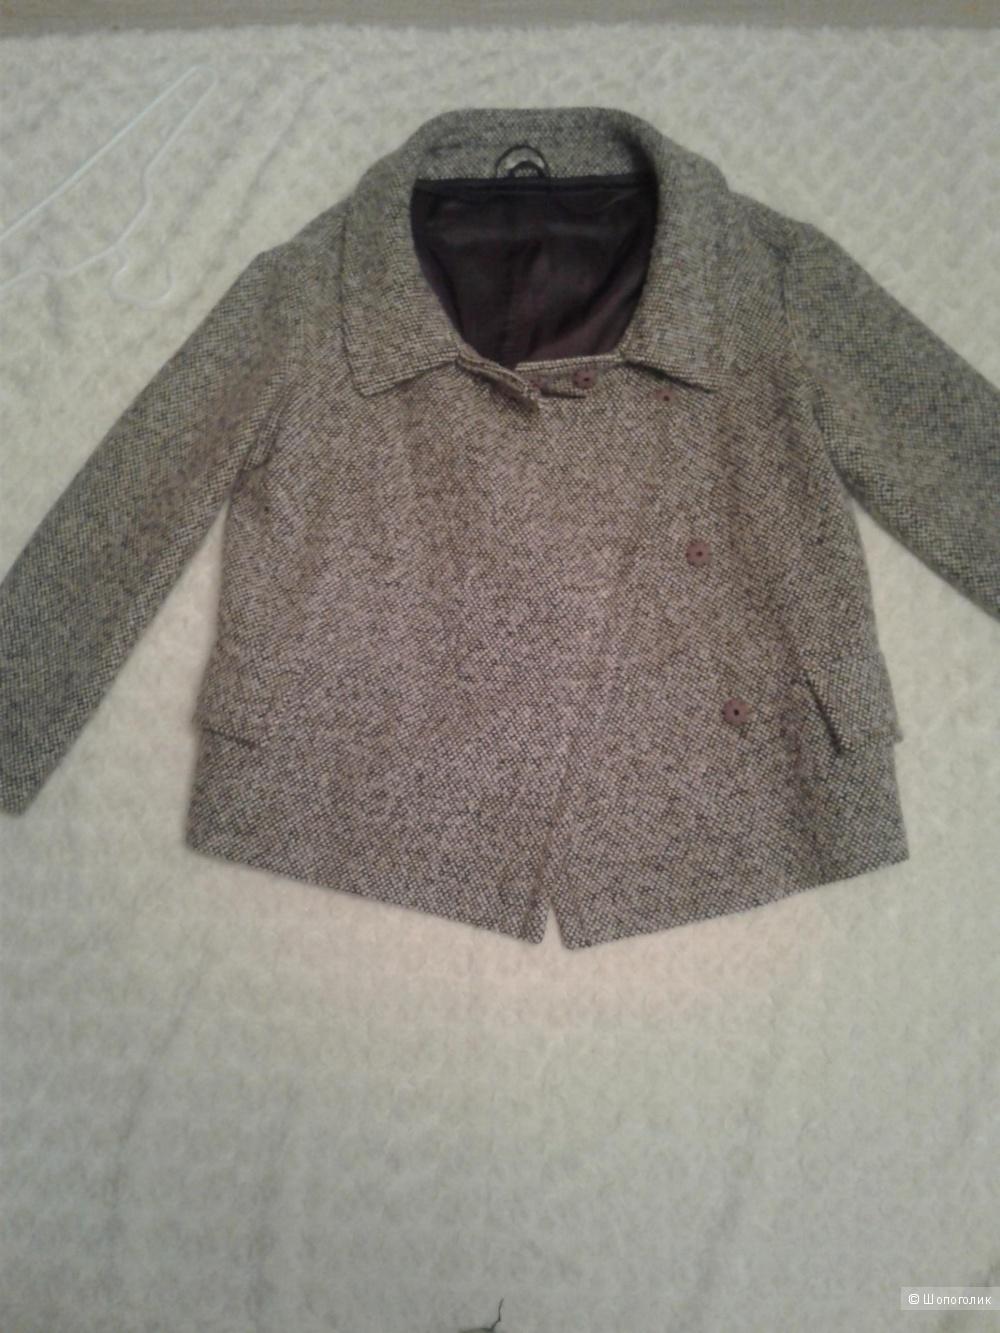 Курка-пальто 46 ИТ шерсть MIU MIU